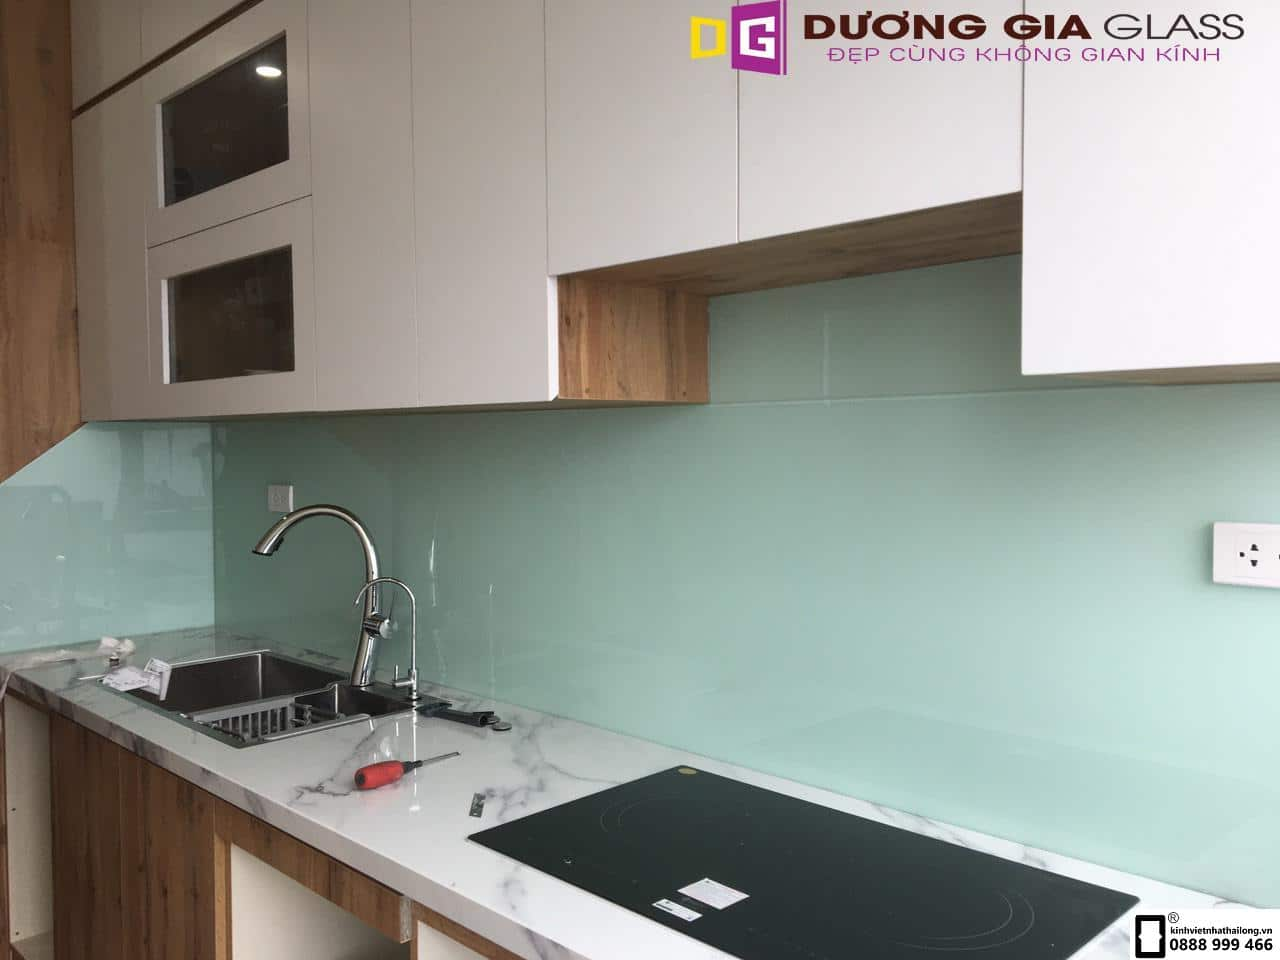 Kính ốp bếp màu trắng xanh mẫu 10